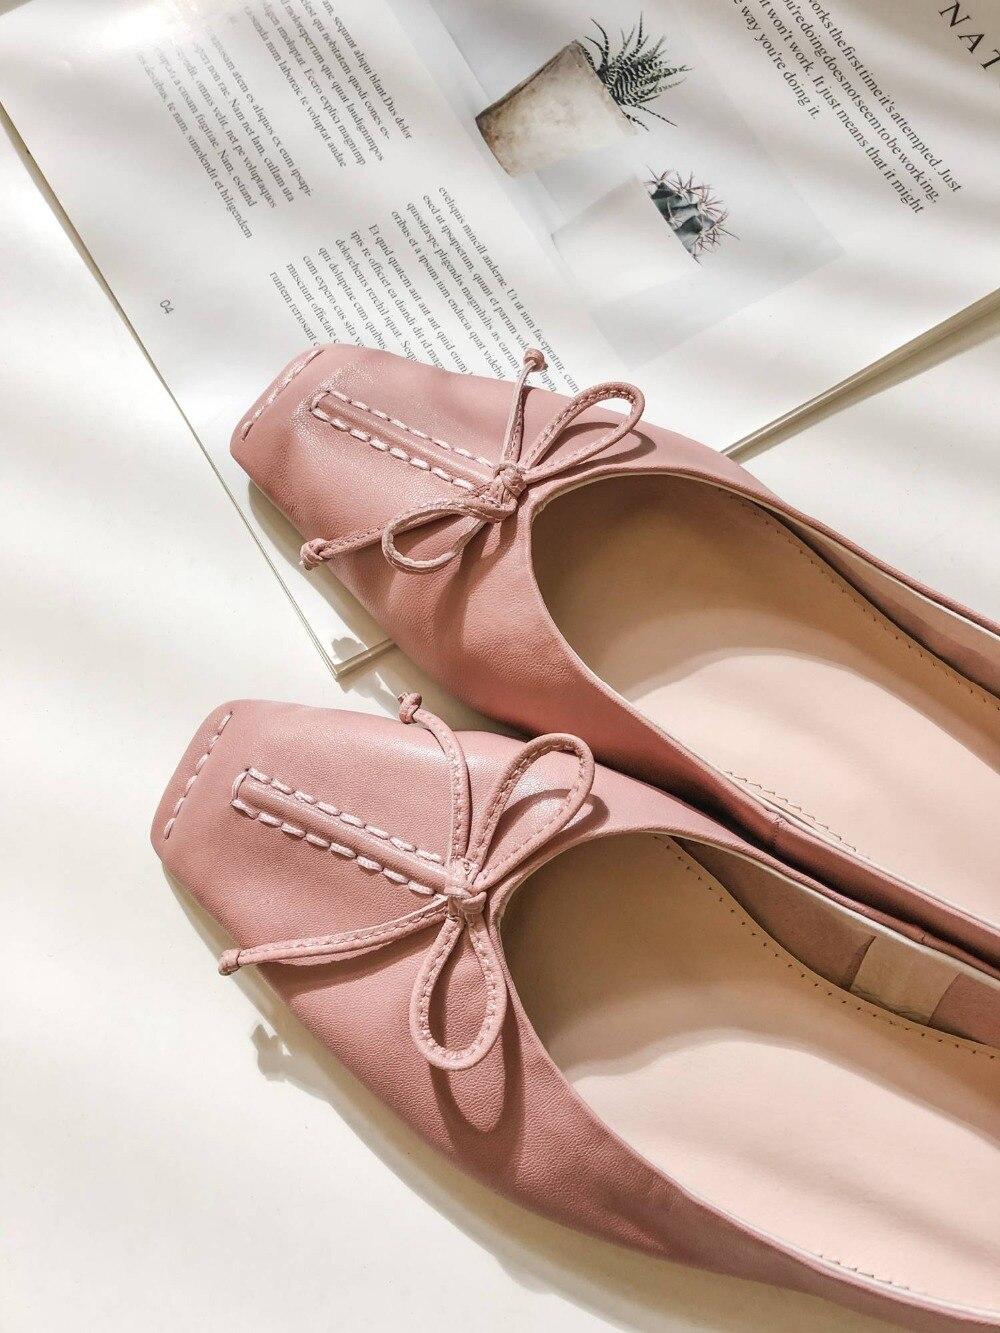 Krazing olla de gran tamaño pajarita de lujo natural vintage de cuero cuadrado del dedo del pie resbalón en mocasines elegante chicas zapatos de abuela L70-in Zapatos planos de mujer from zapatos    2